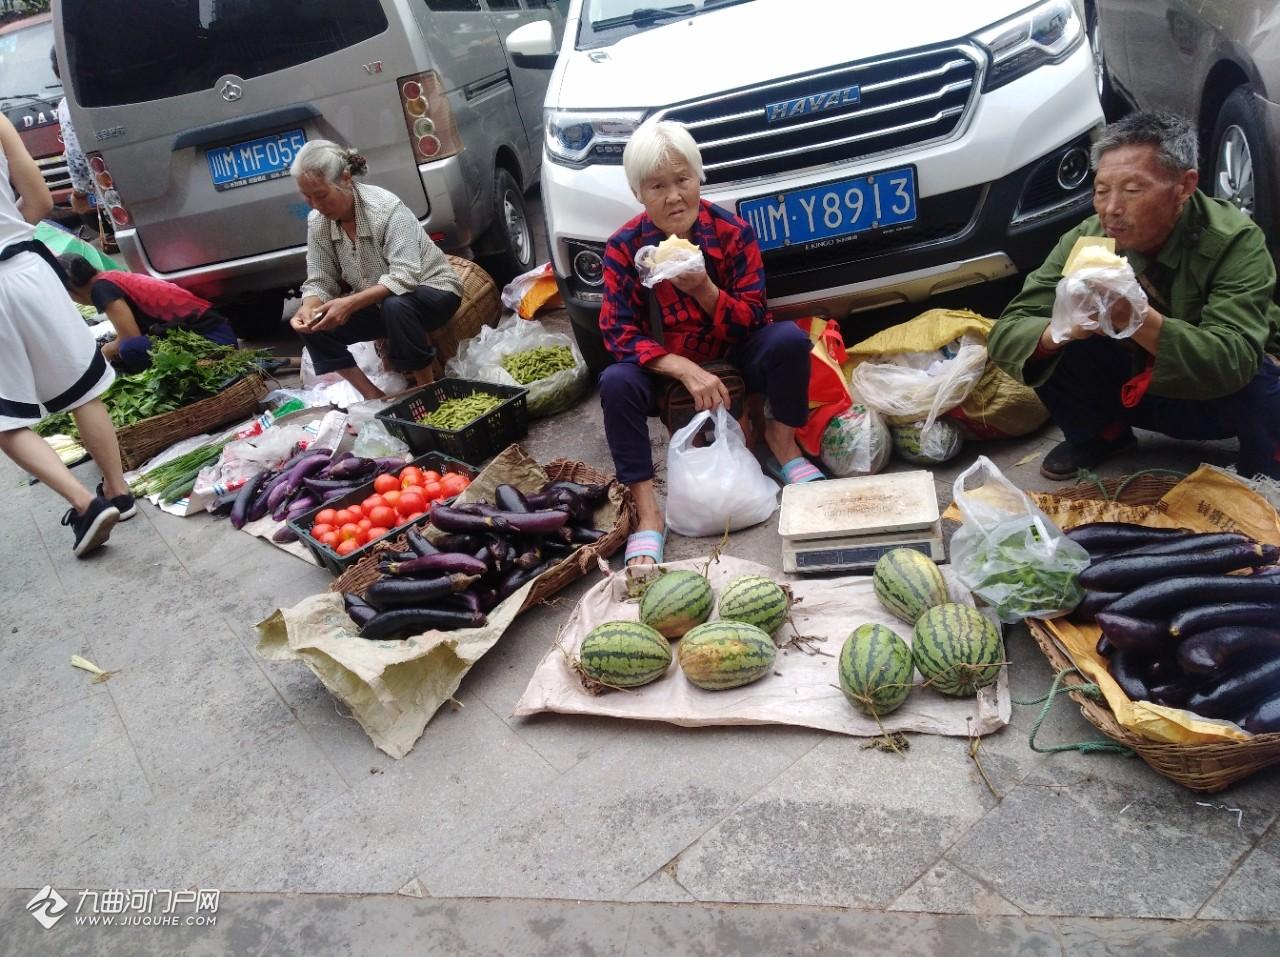 乐逛资阳城西菜市场!购物中心可以不常逛,但一定要逛菜市场!